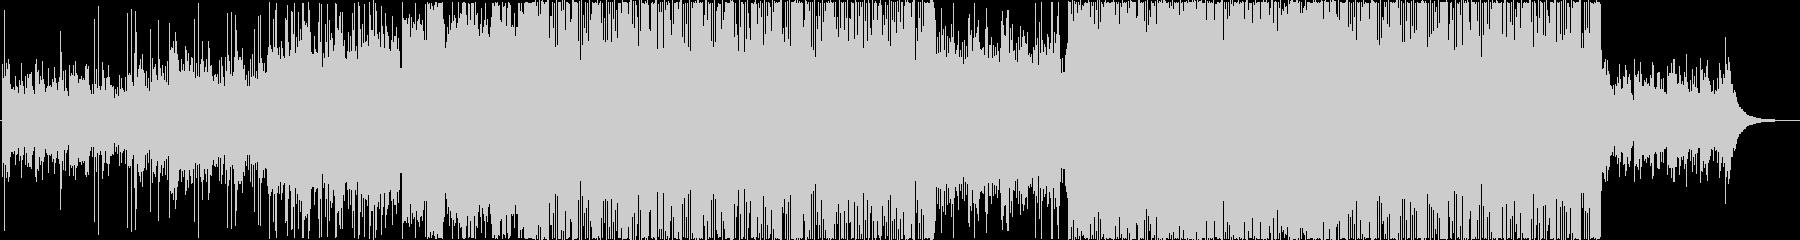 疾走感溢れるロックテイストBGMの未再生の波形